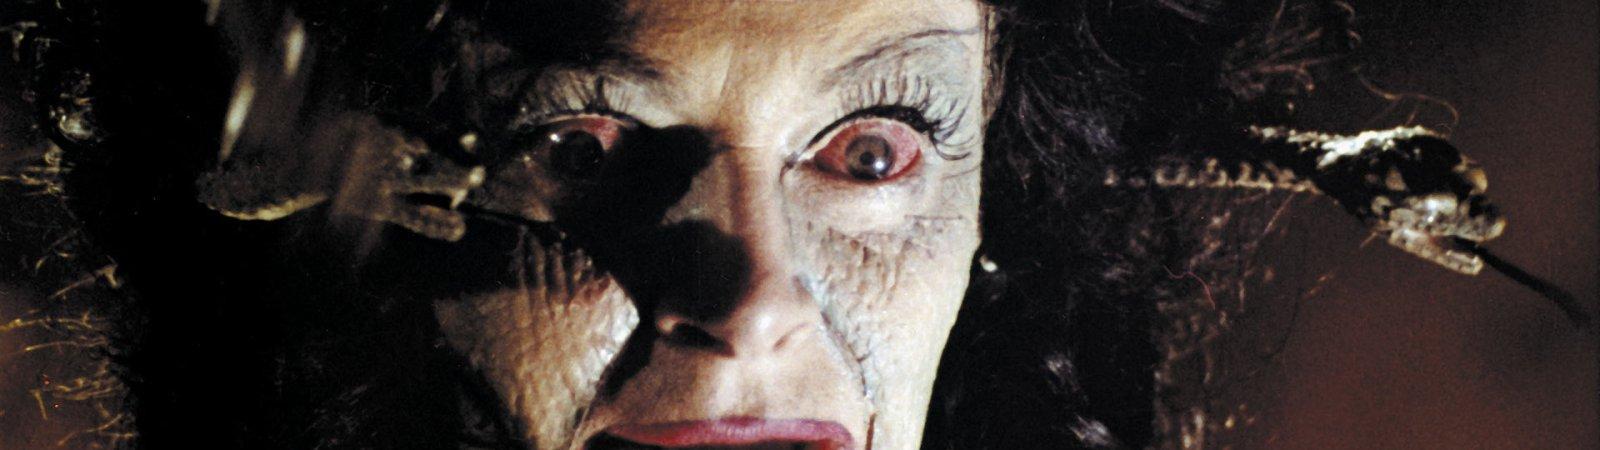 Photo dernier film Barbara  Shelley